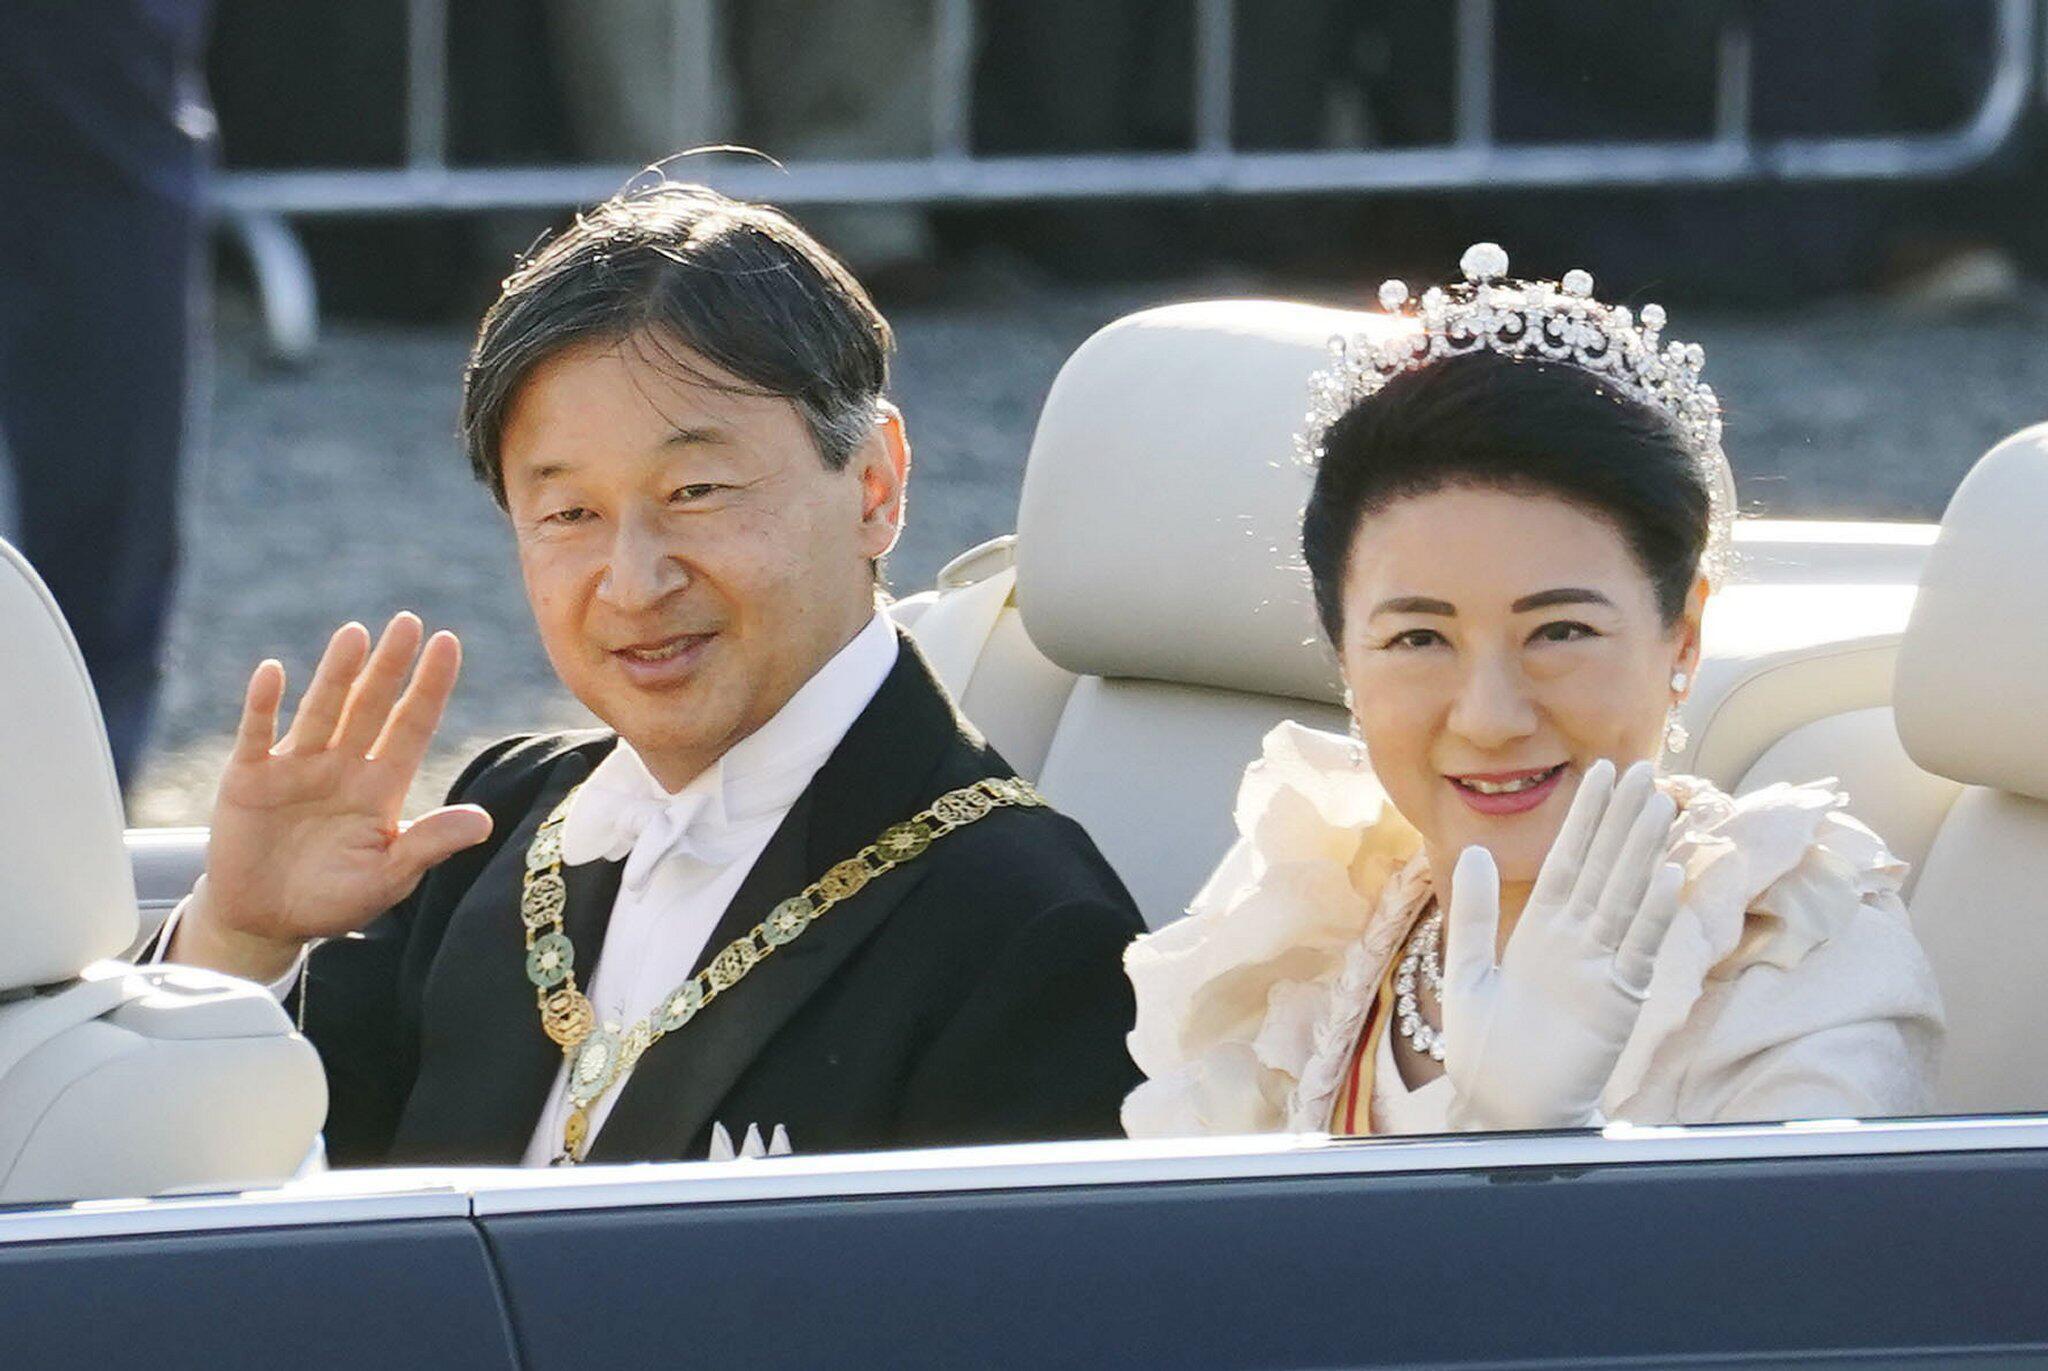 Bild zu Parade des japanischen Kaiserpaares